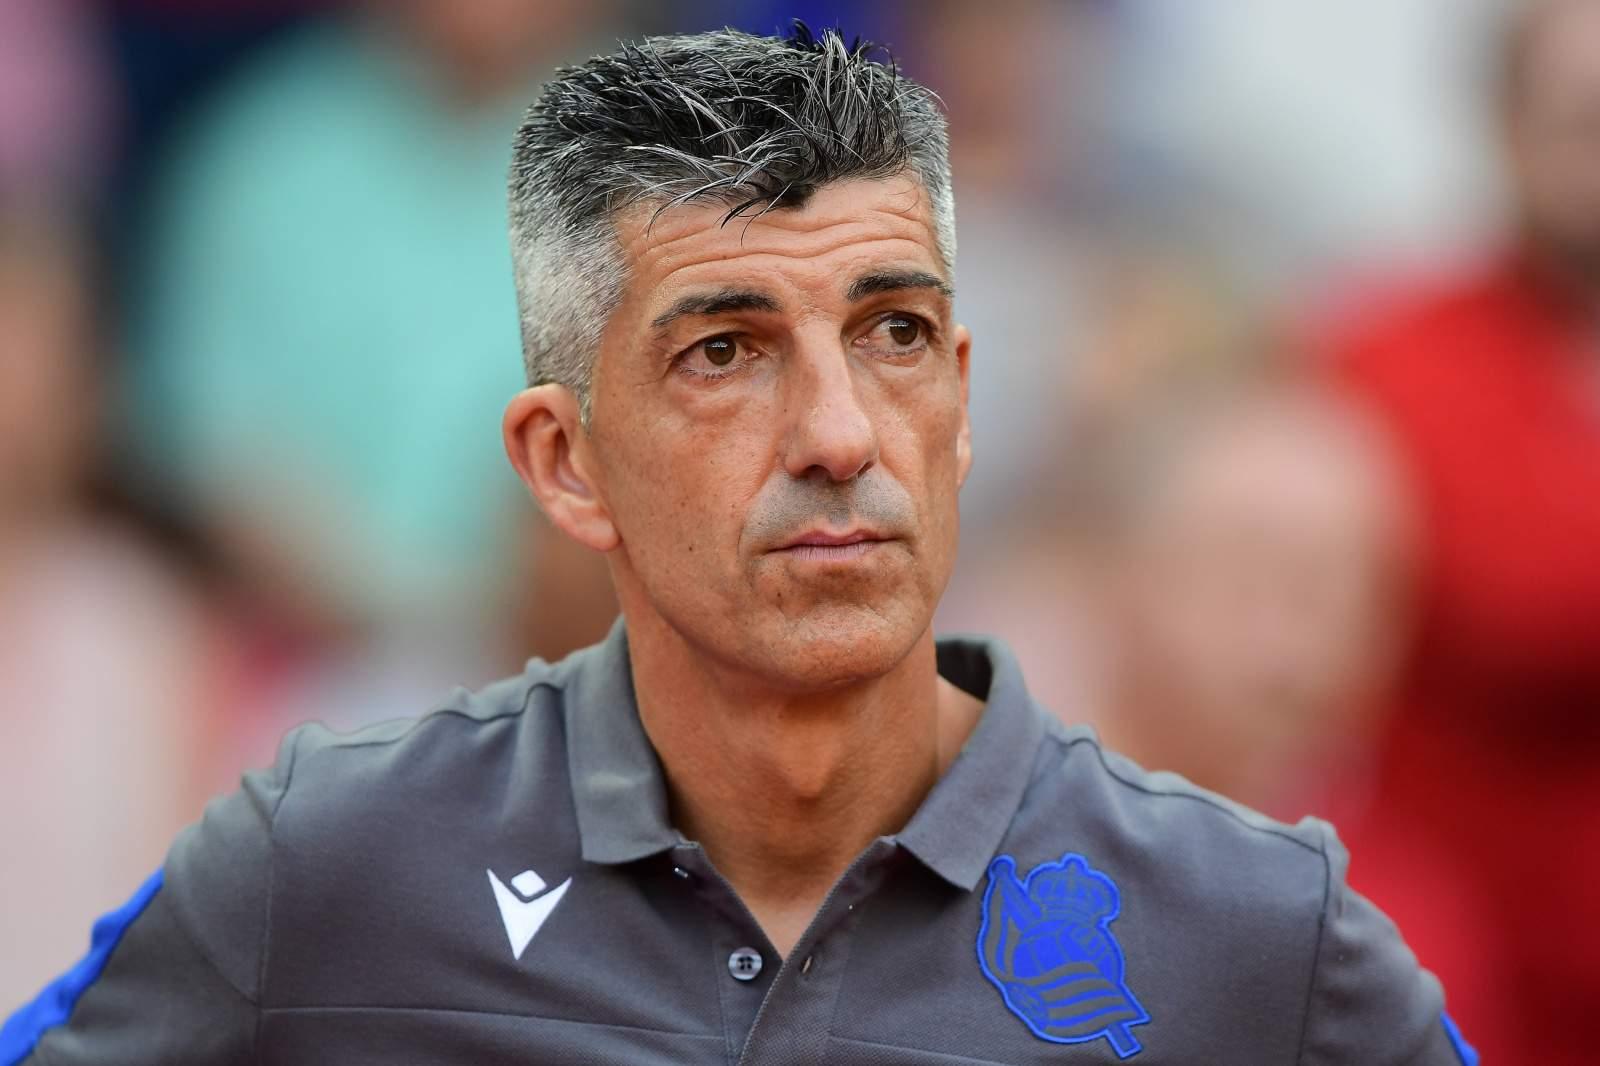 Тренер «Реала Сосьедад» «зажёг» на пресс-конференции после выигрыша Кубка Испании